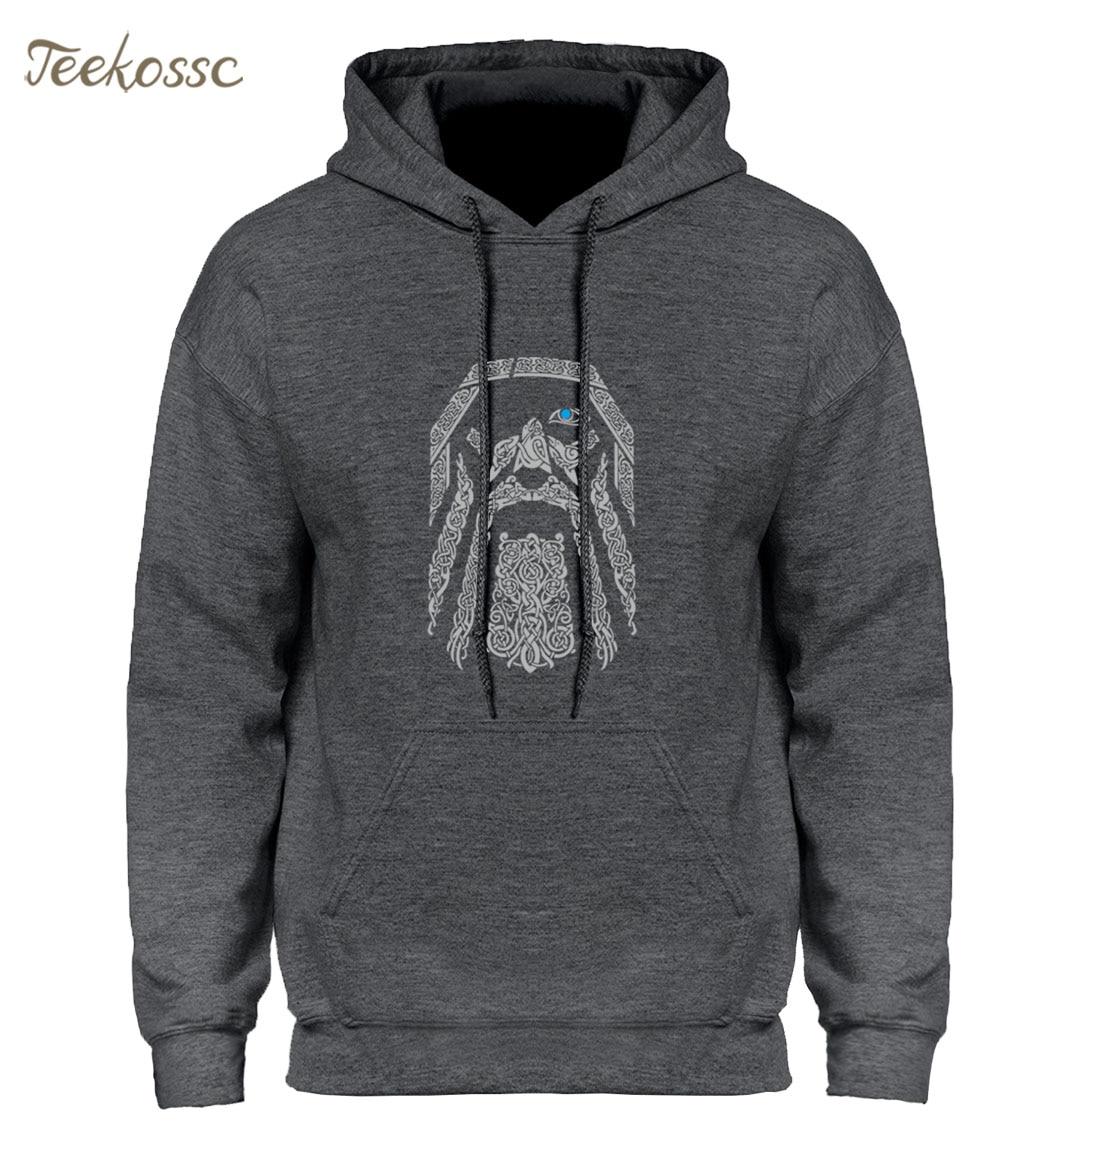 Vikingos Odin personalizado Homens Hoodie Vintage Hoodies sudadera Hombres Nuevo invierno otoño Sudadera con capucha regalos únicos Día del Padre